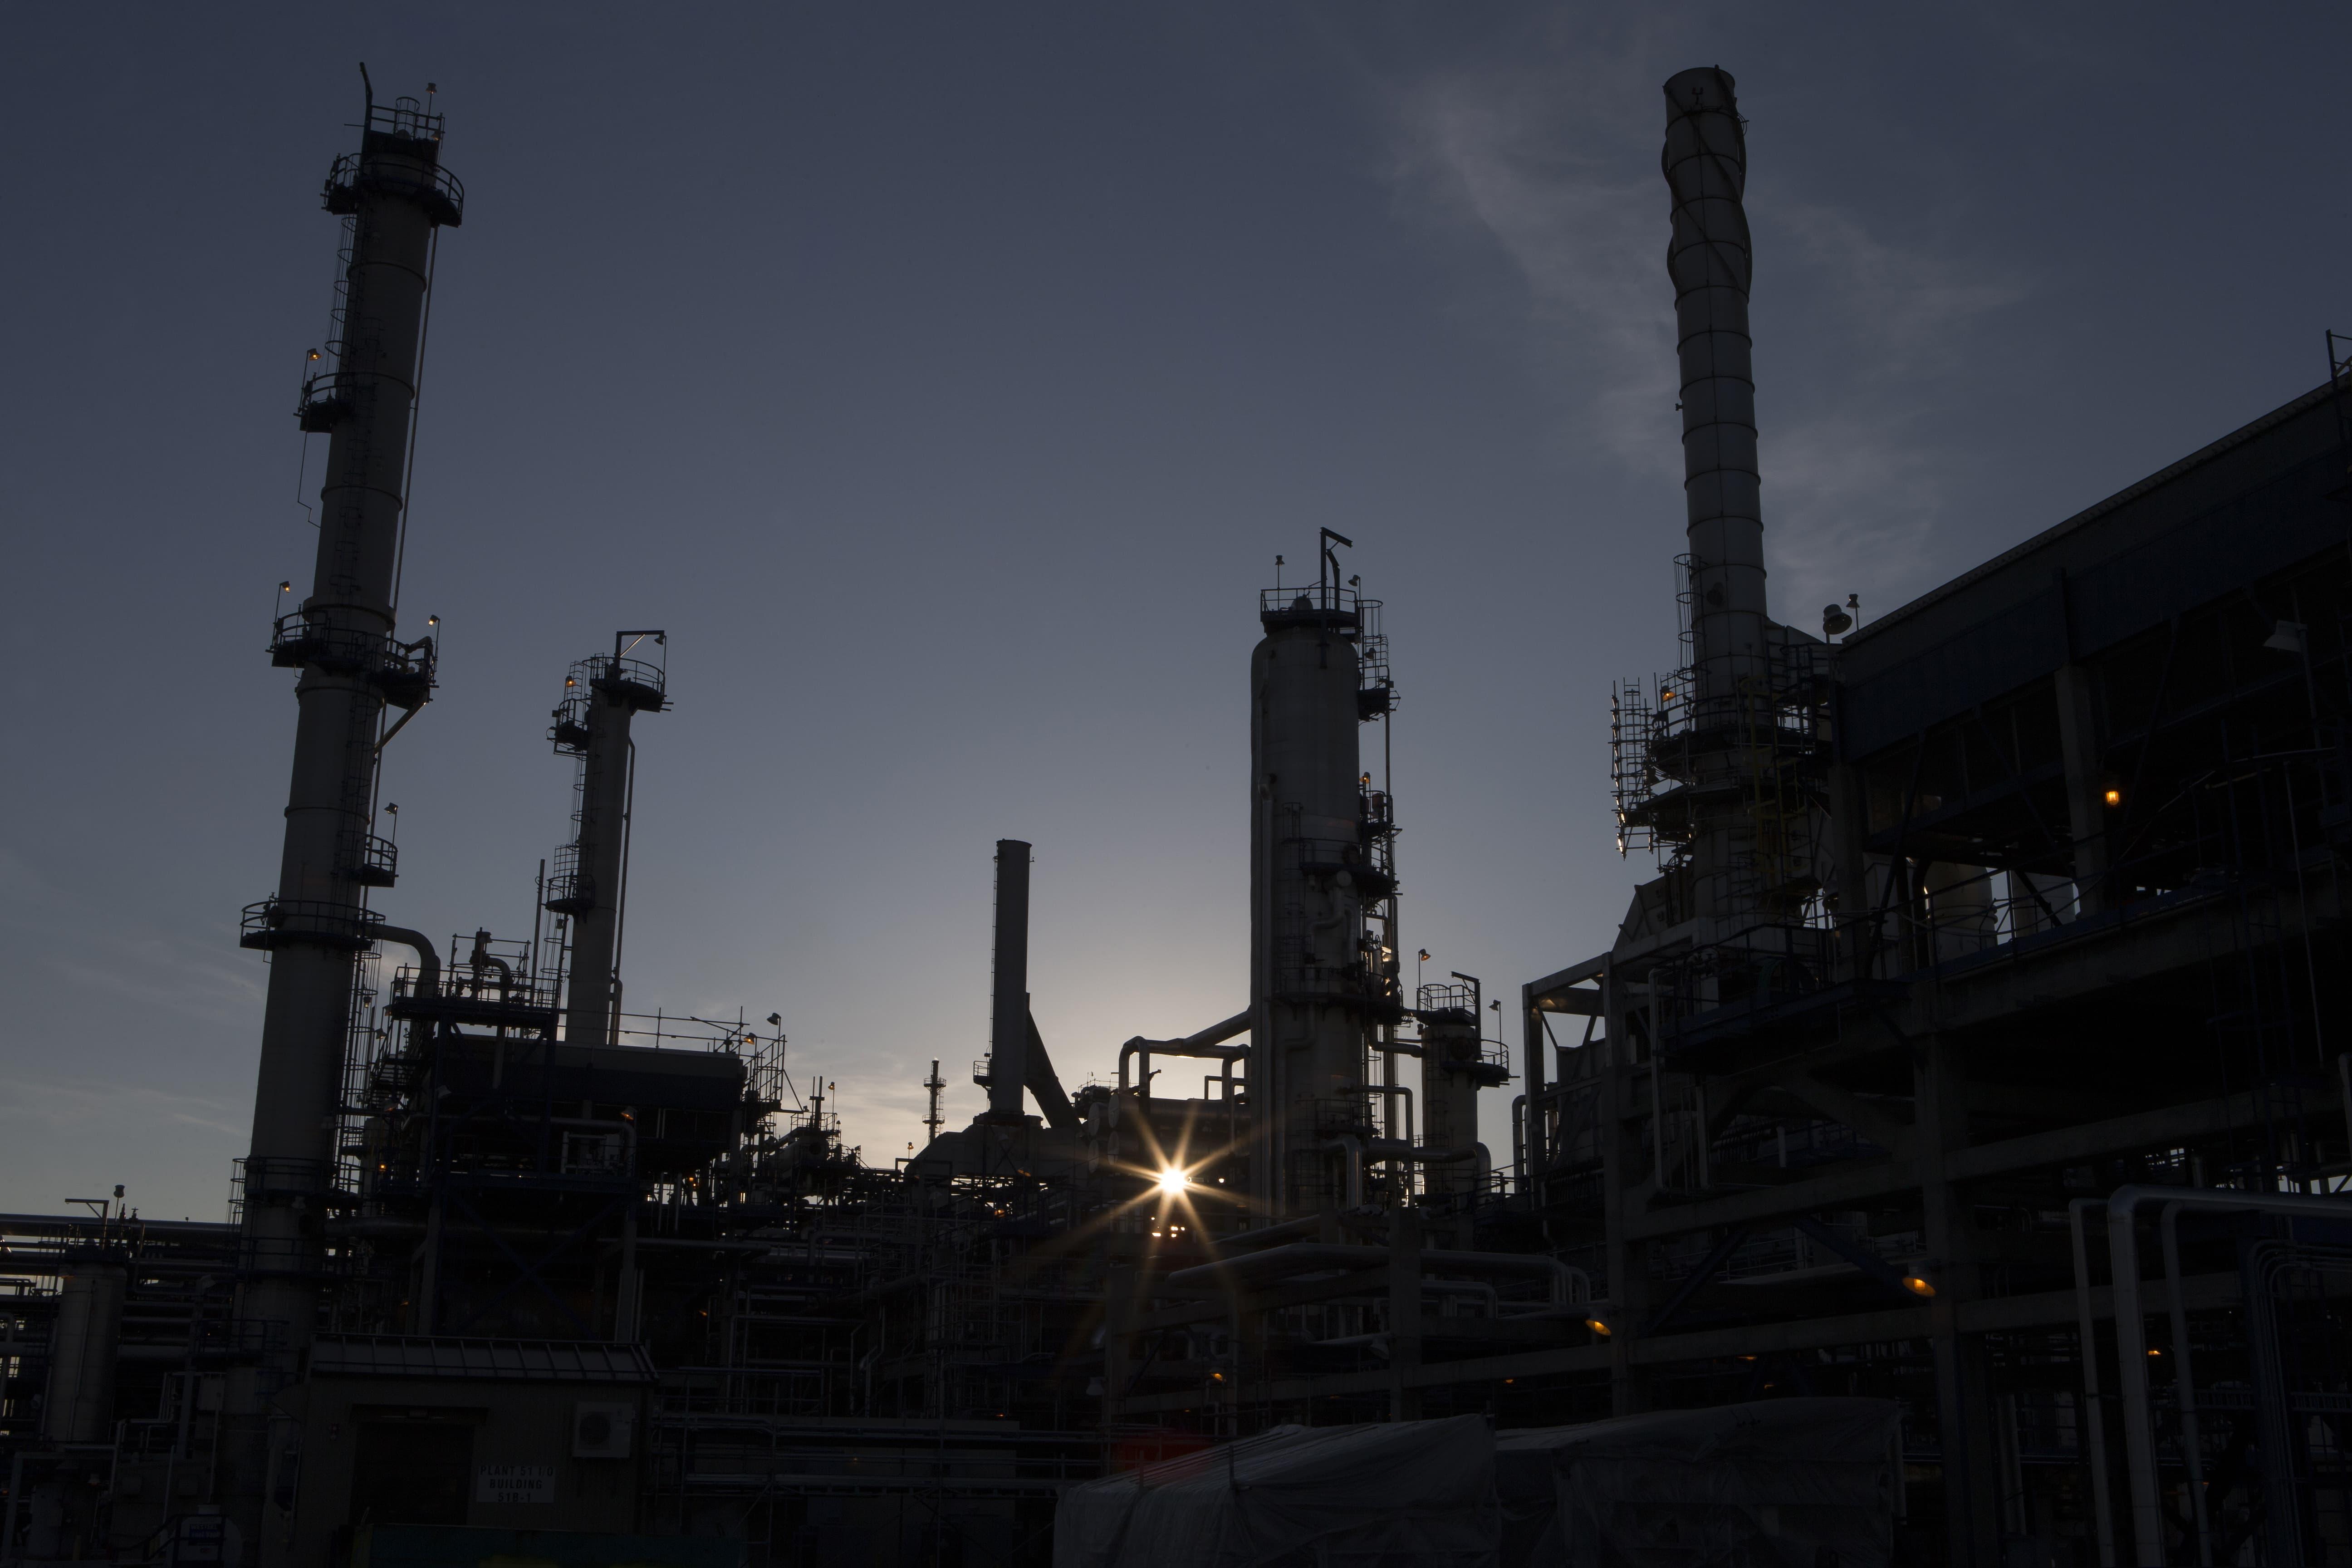 Suncor's Edmonton refinery at sunset.